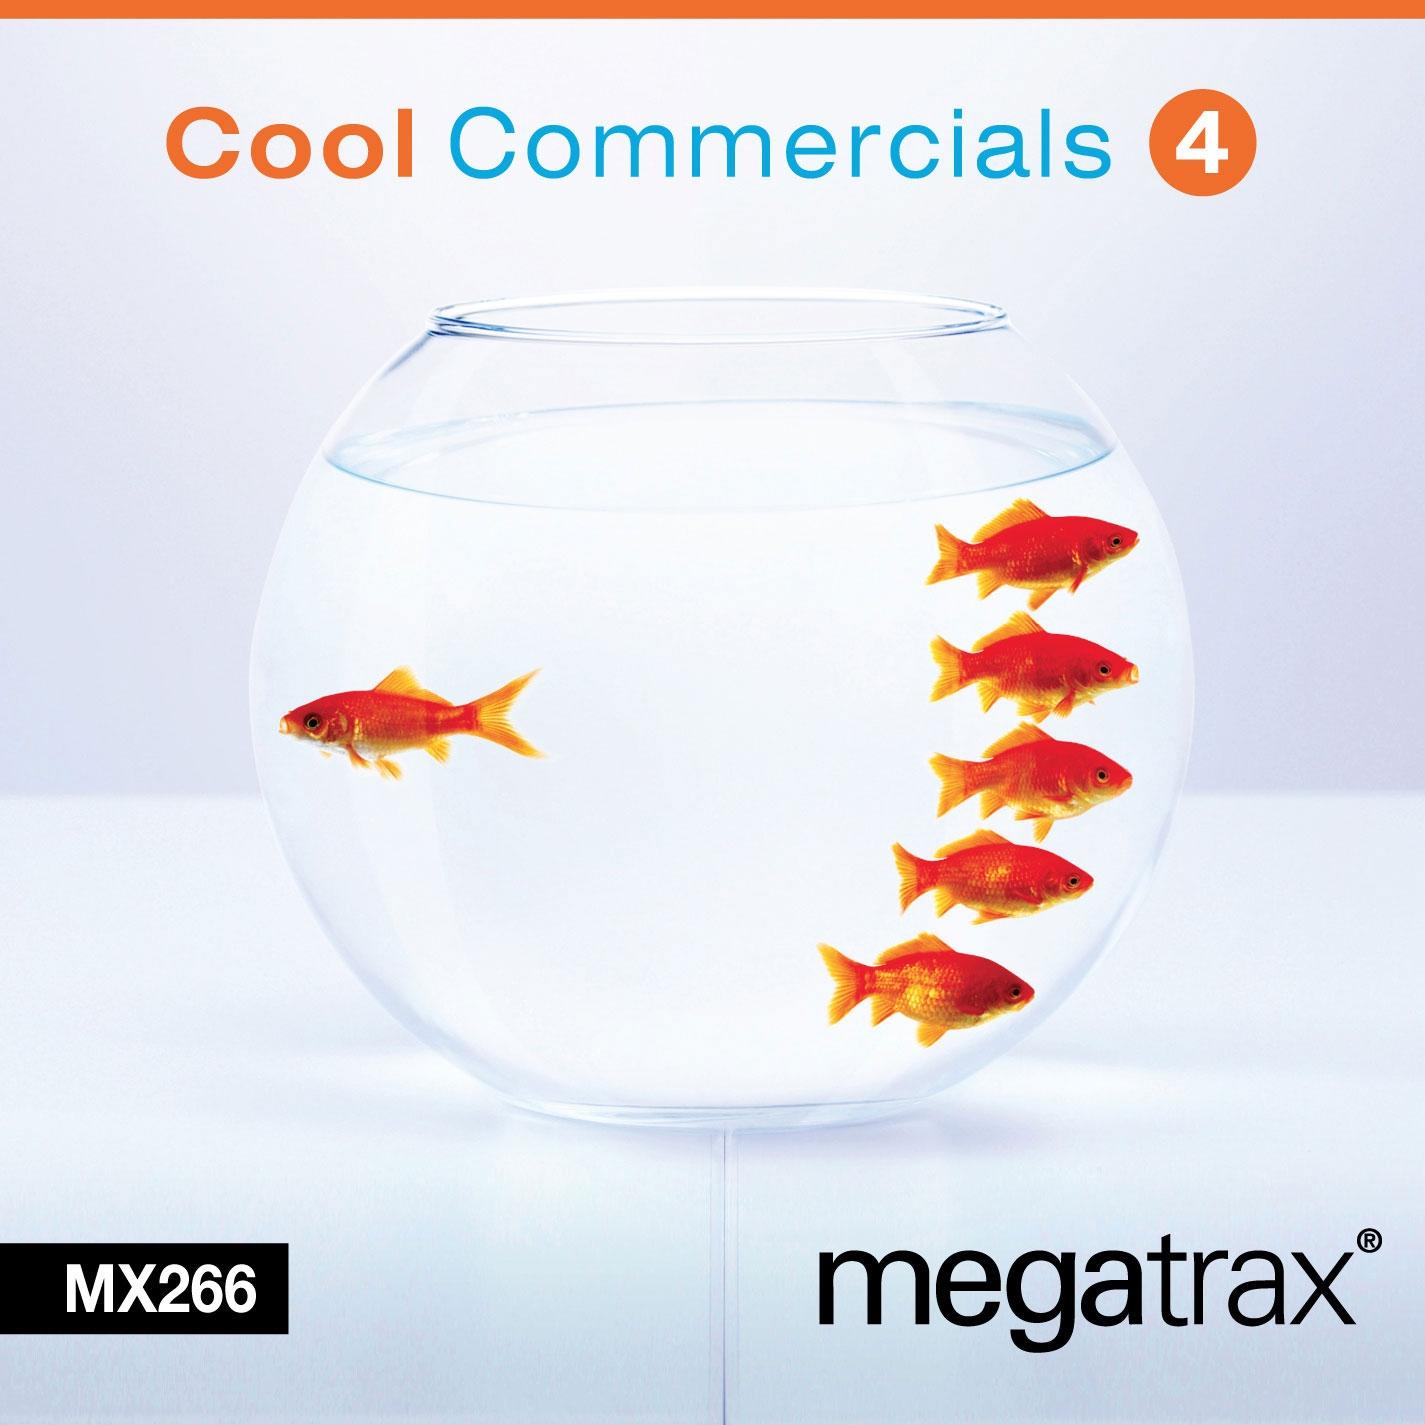 Cool Commercials 4